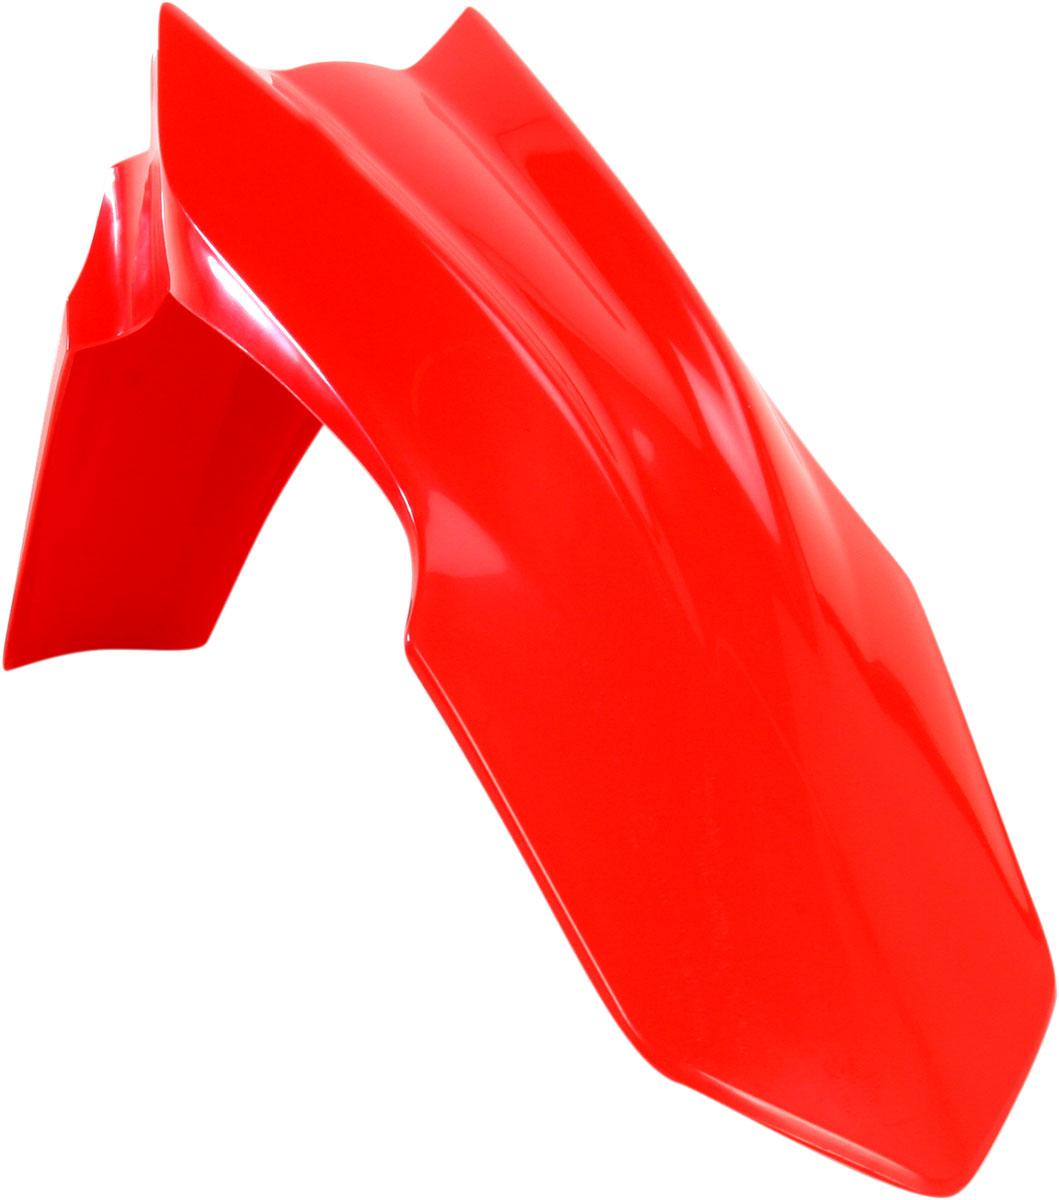 ACERBIS Front Fender (Red)